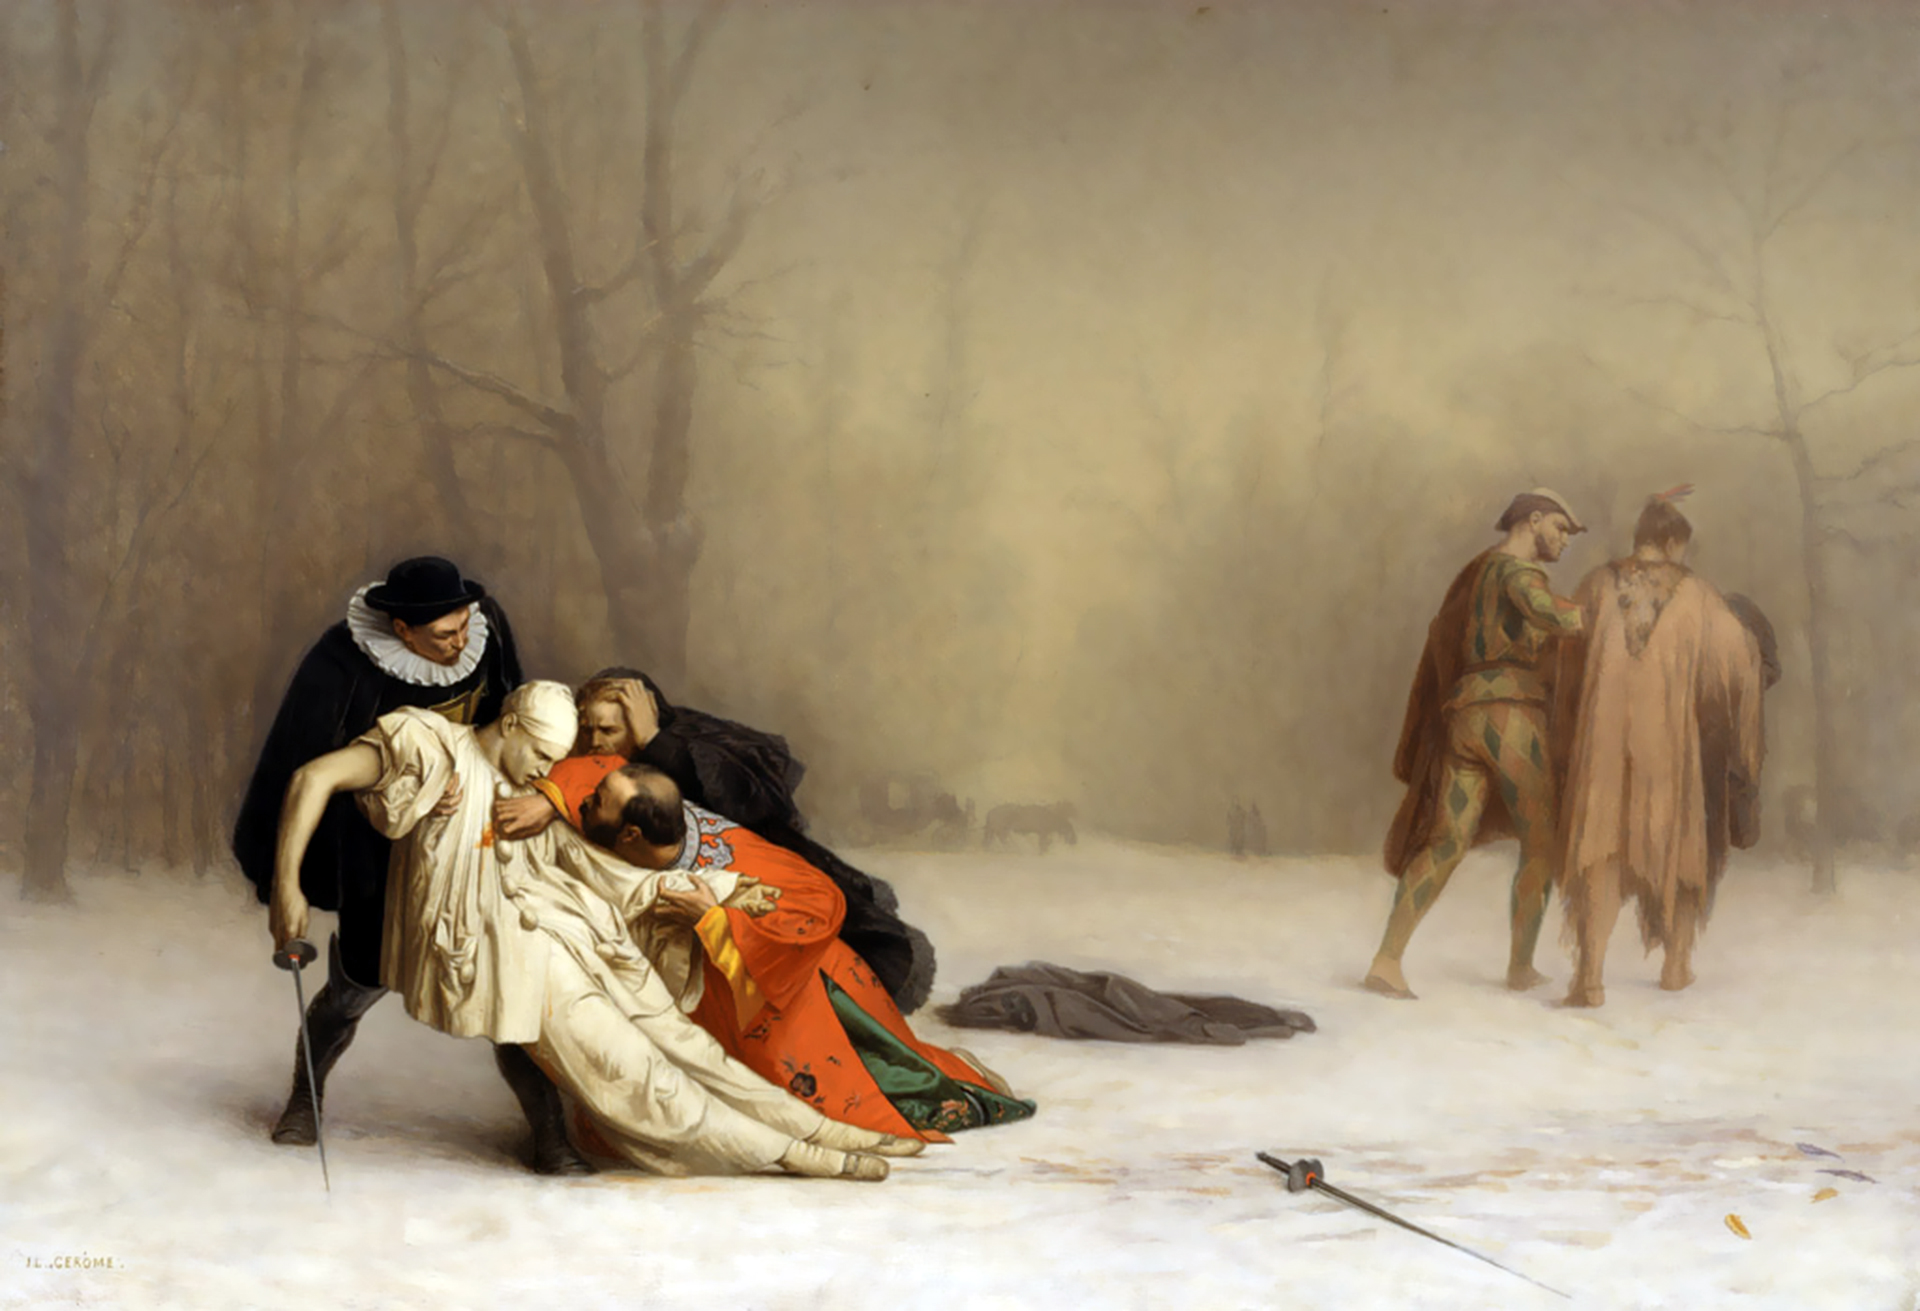 ジャン レオン ジェローム 仮面舞踏会後の決闘 壁紙 画像